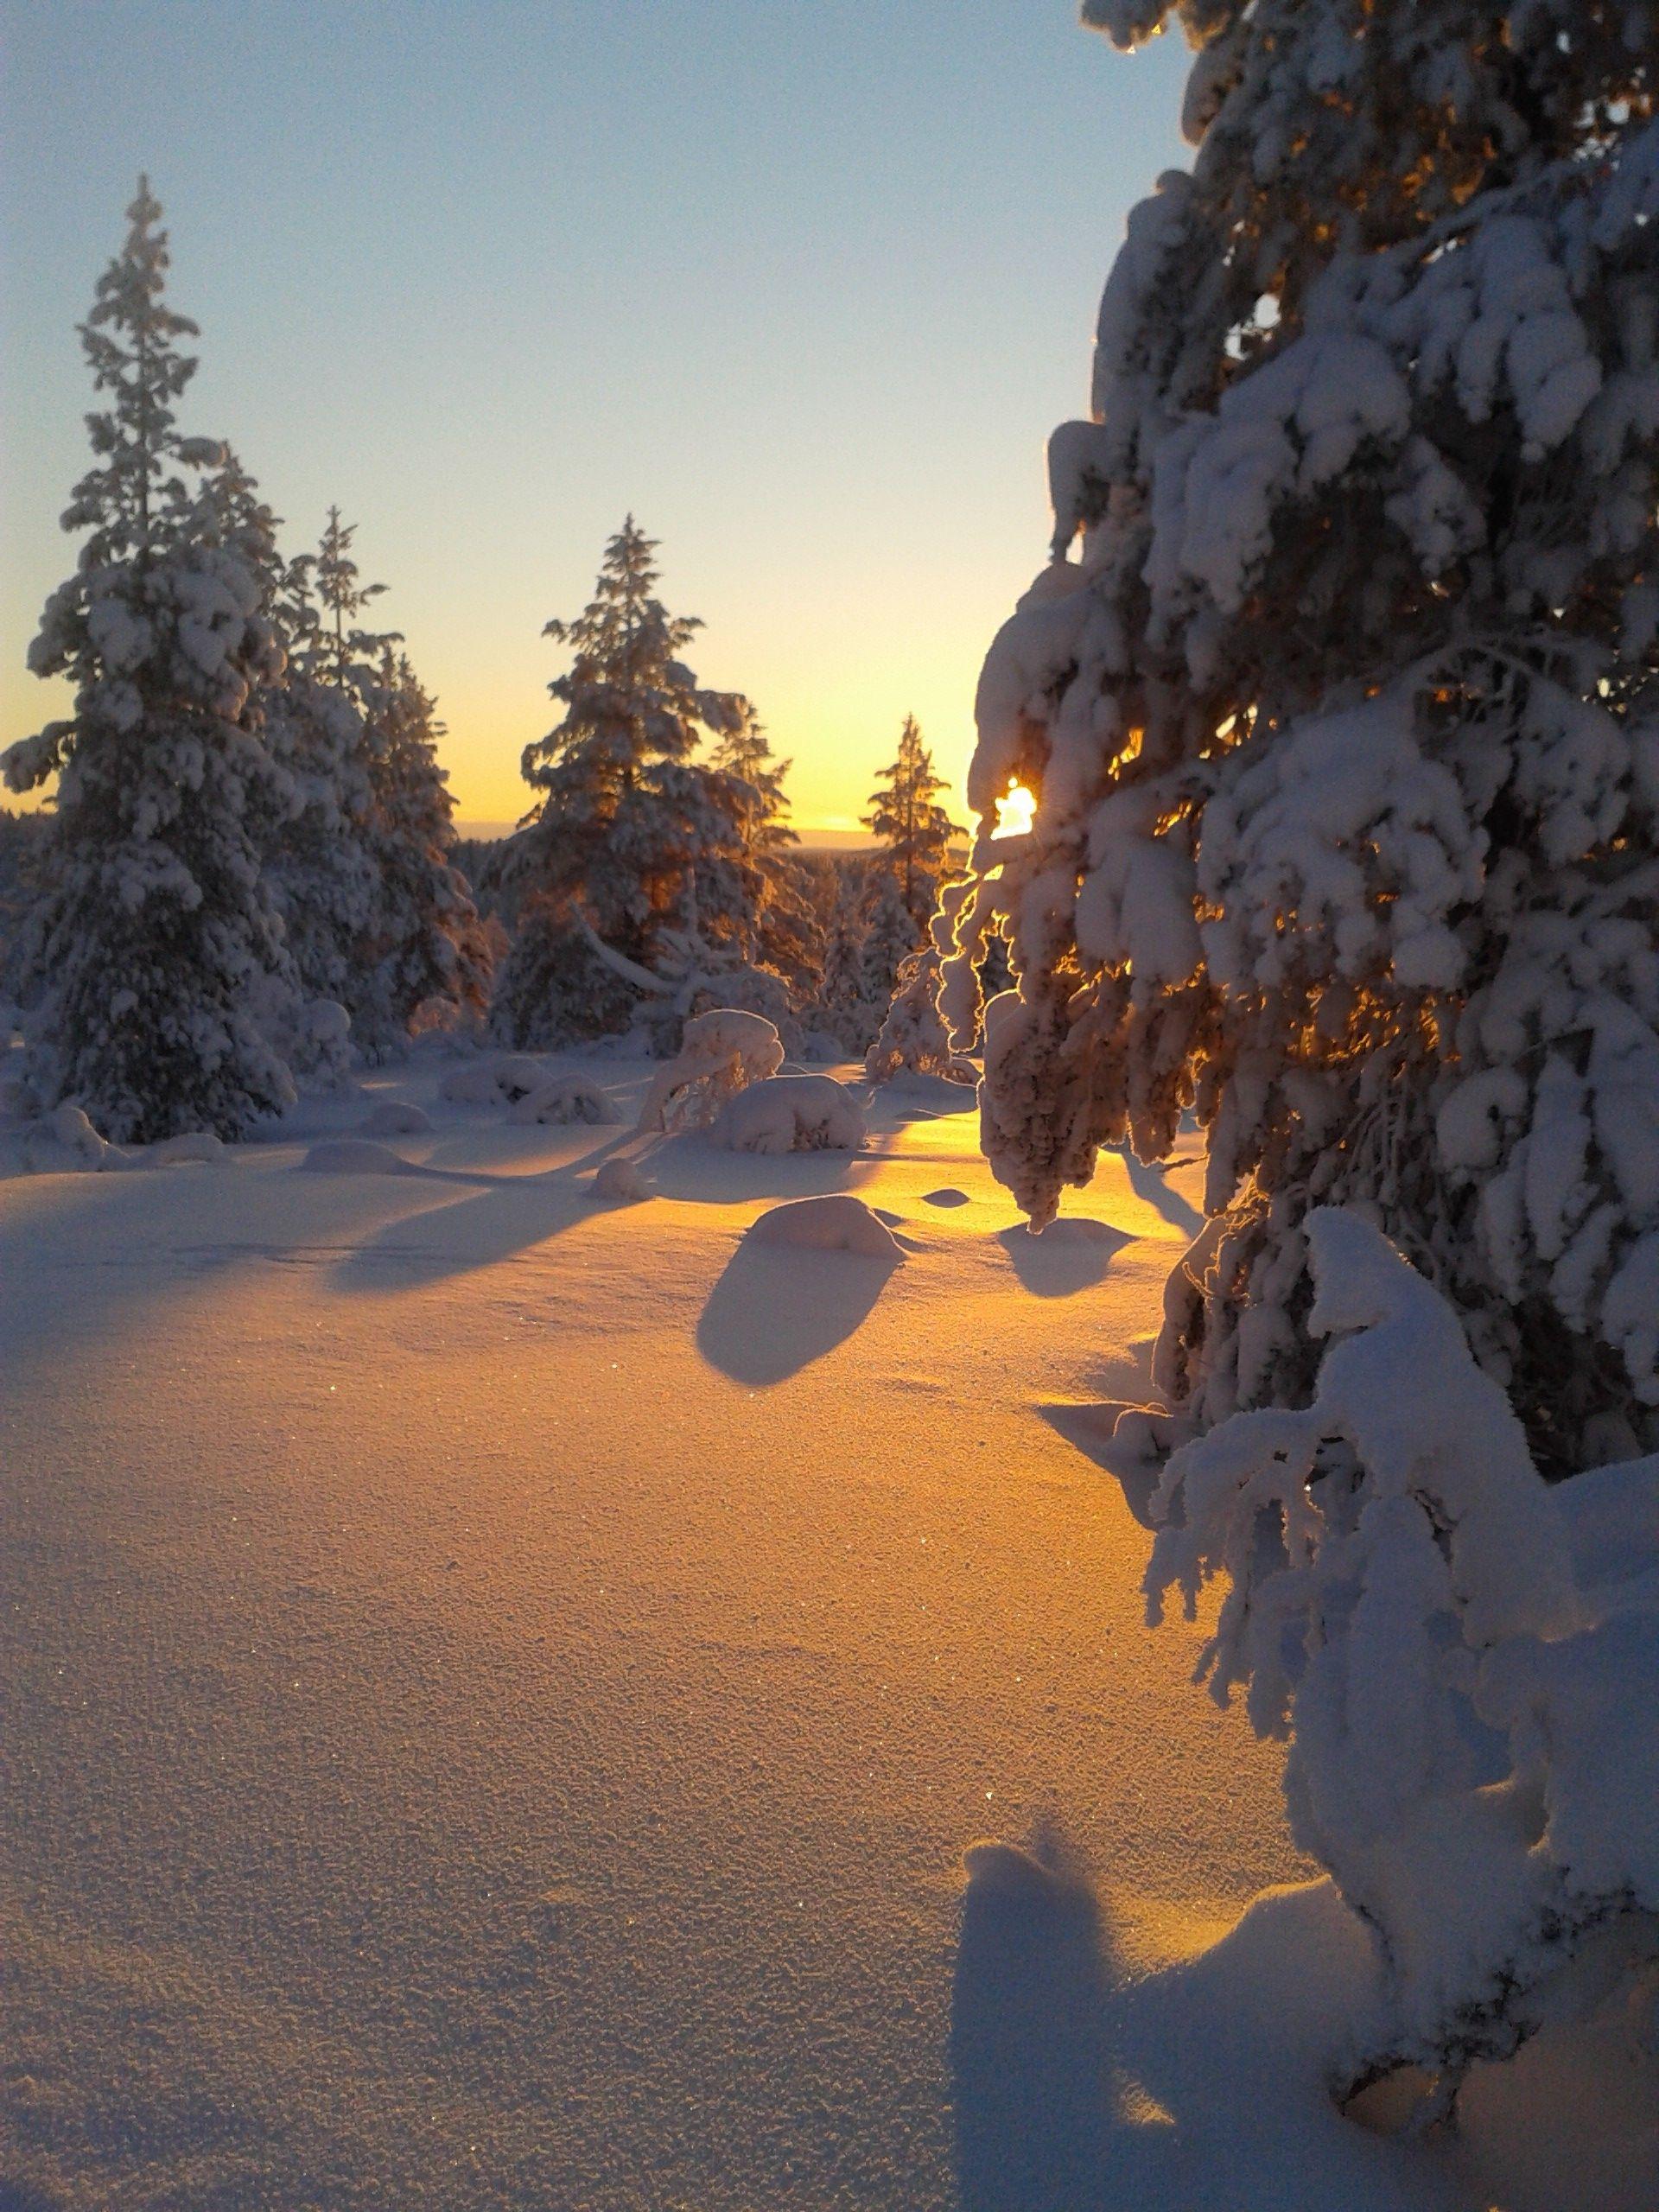 #snow #winter and #sunset at #kiilopaa #lapland #finland. Photo by Terhi Sirviö